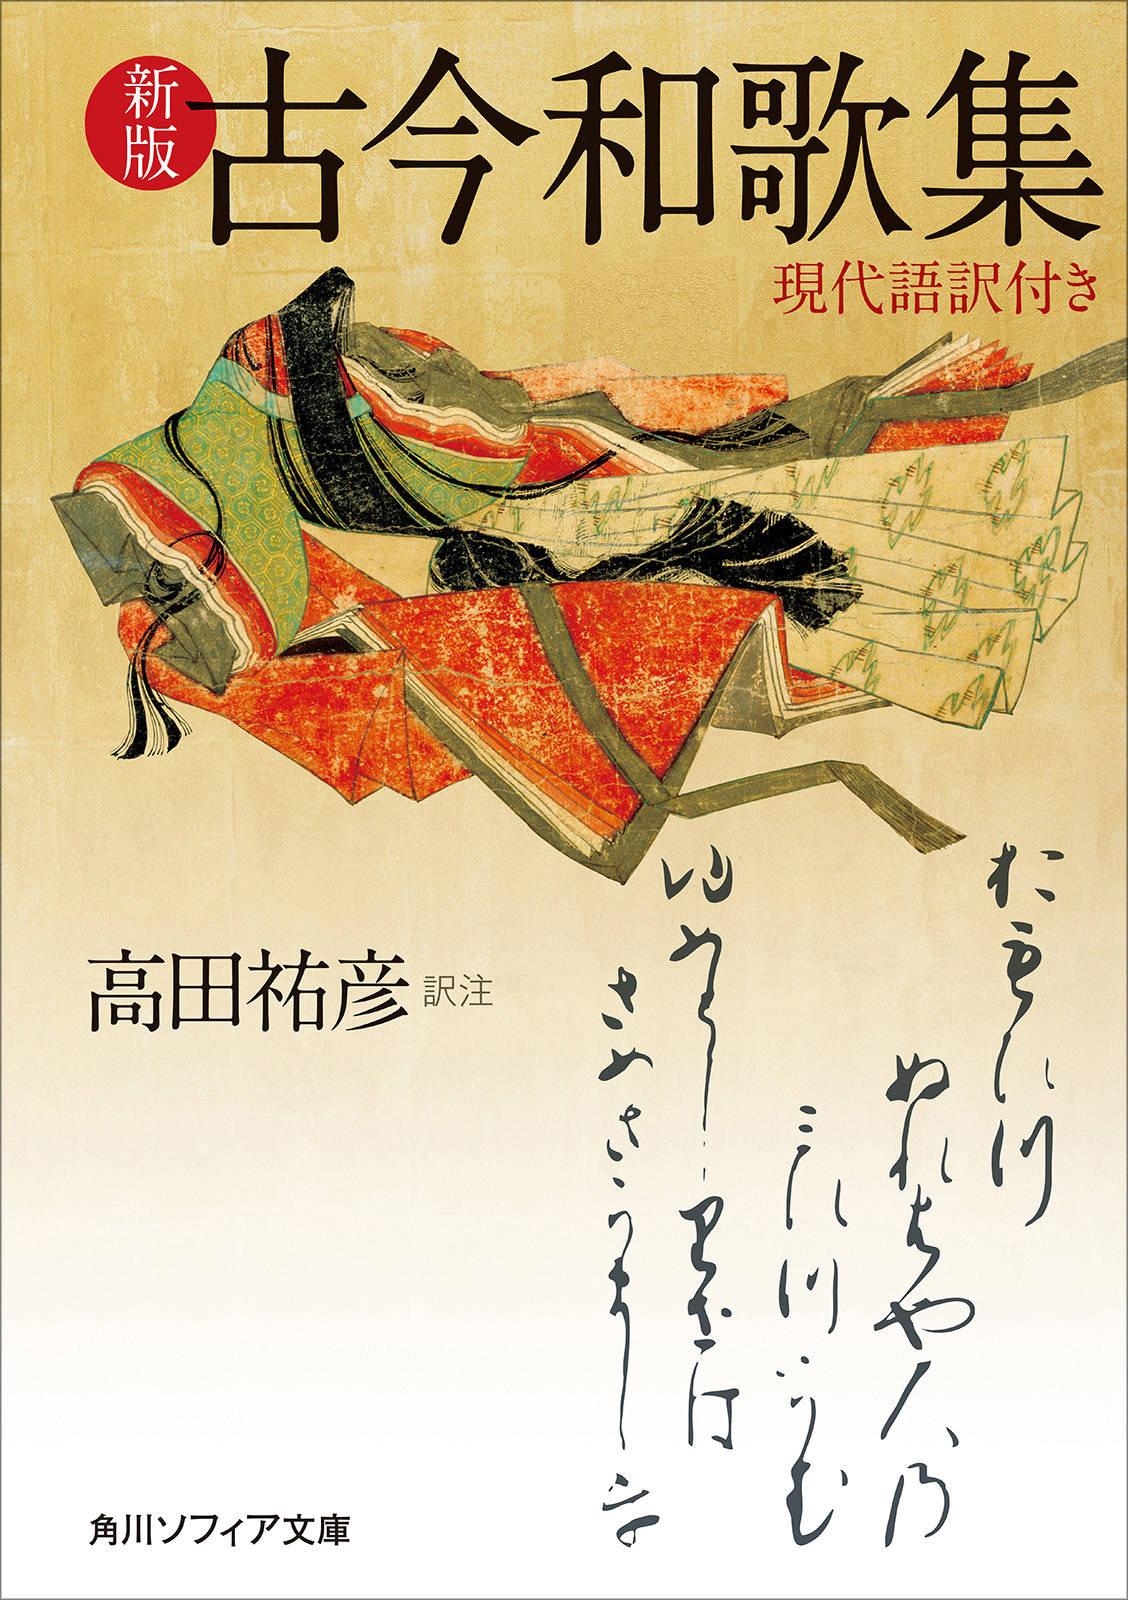 須磨 の 秋 現代 語 訳